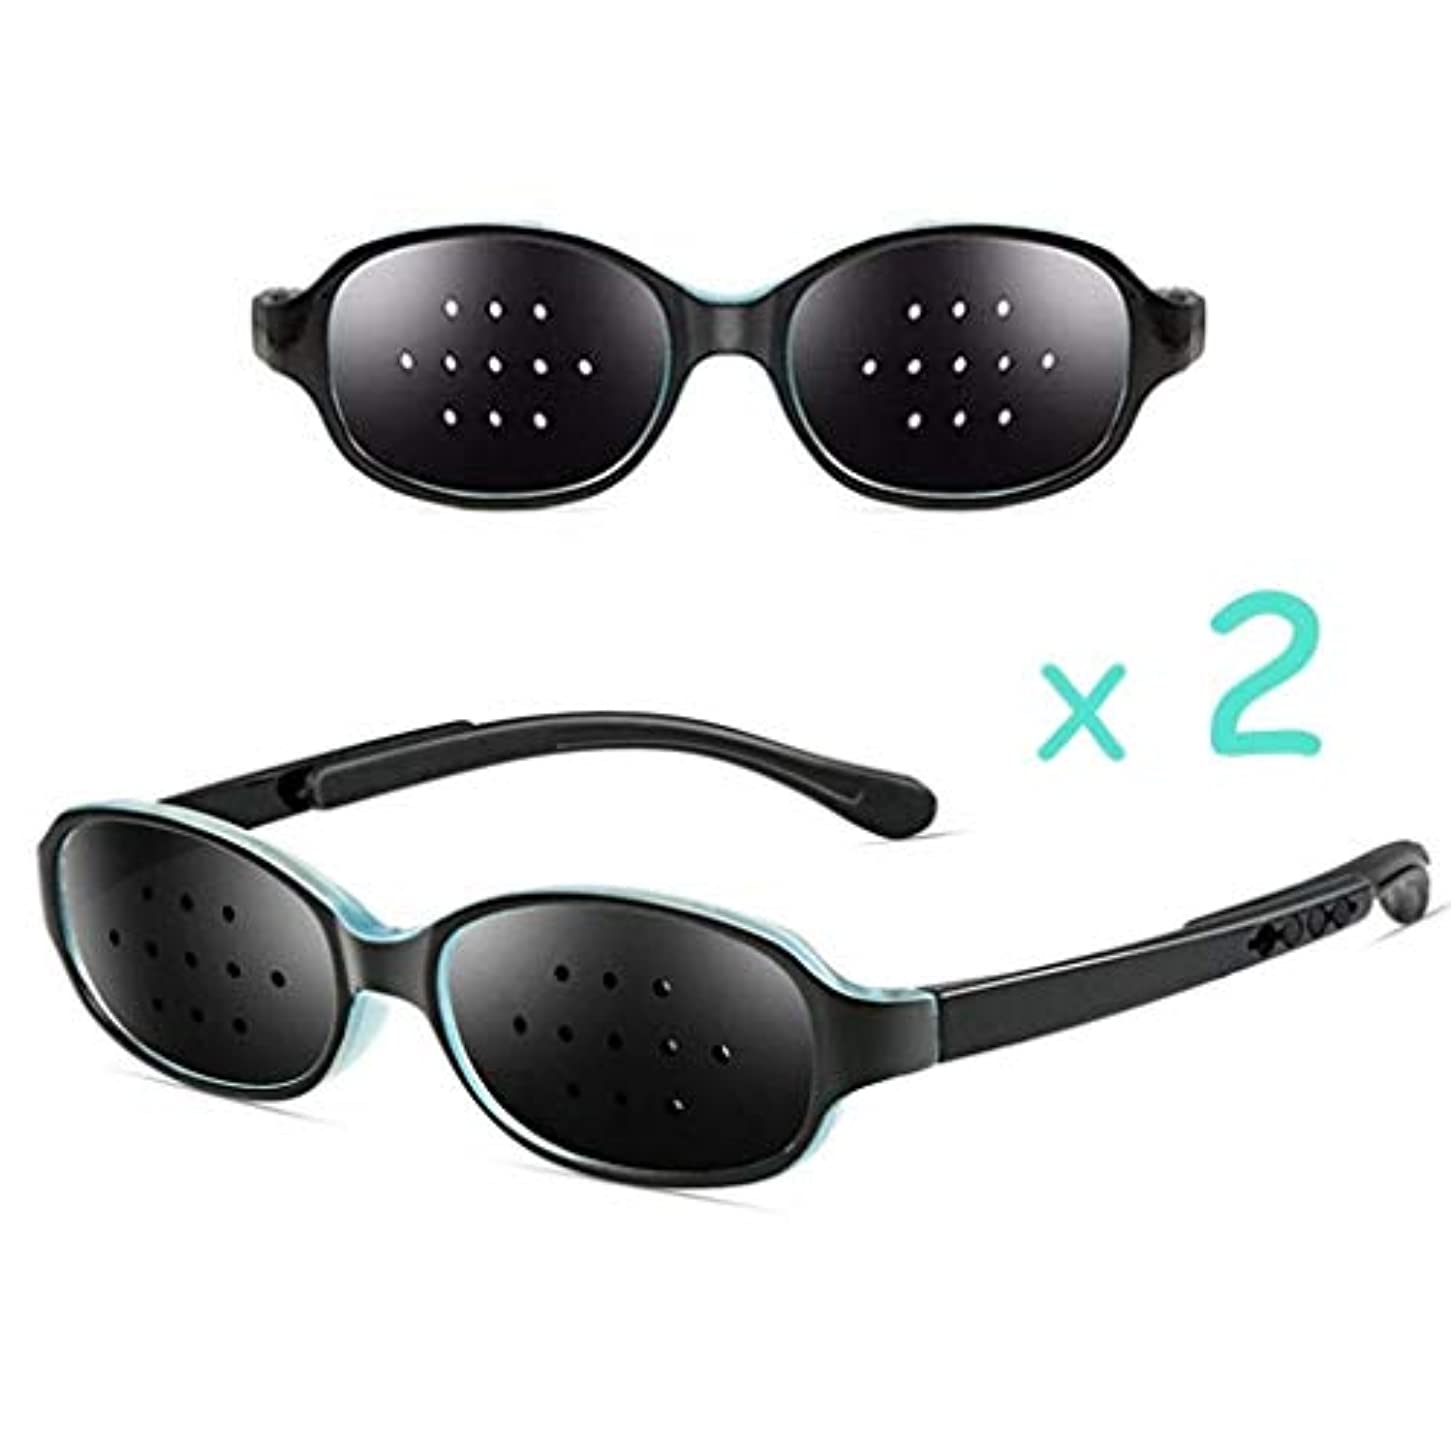 広範囲がんばり続ける確かにピンホールメガネ、視力矯正メガネ網状視力保護メガネ耐疲労性メガネ近視の防止メガネの改善 (Color : Blue Black)